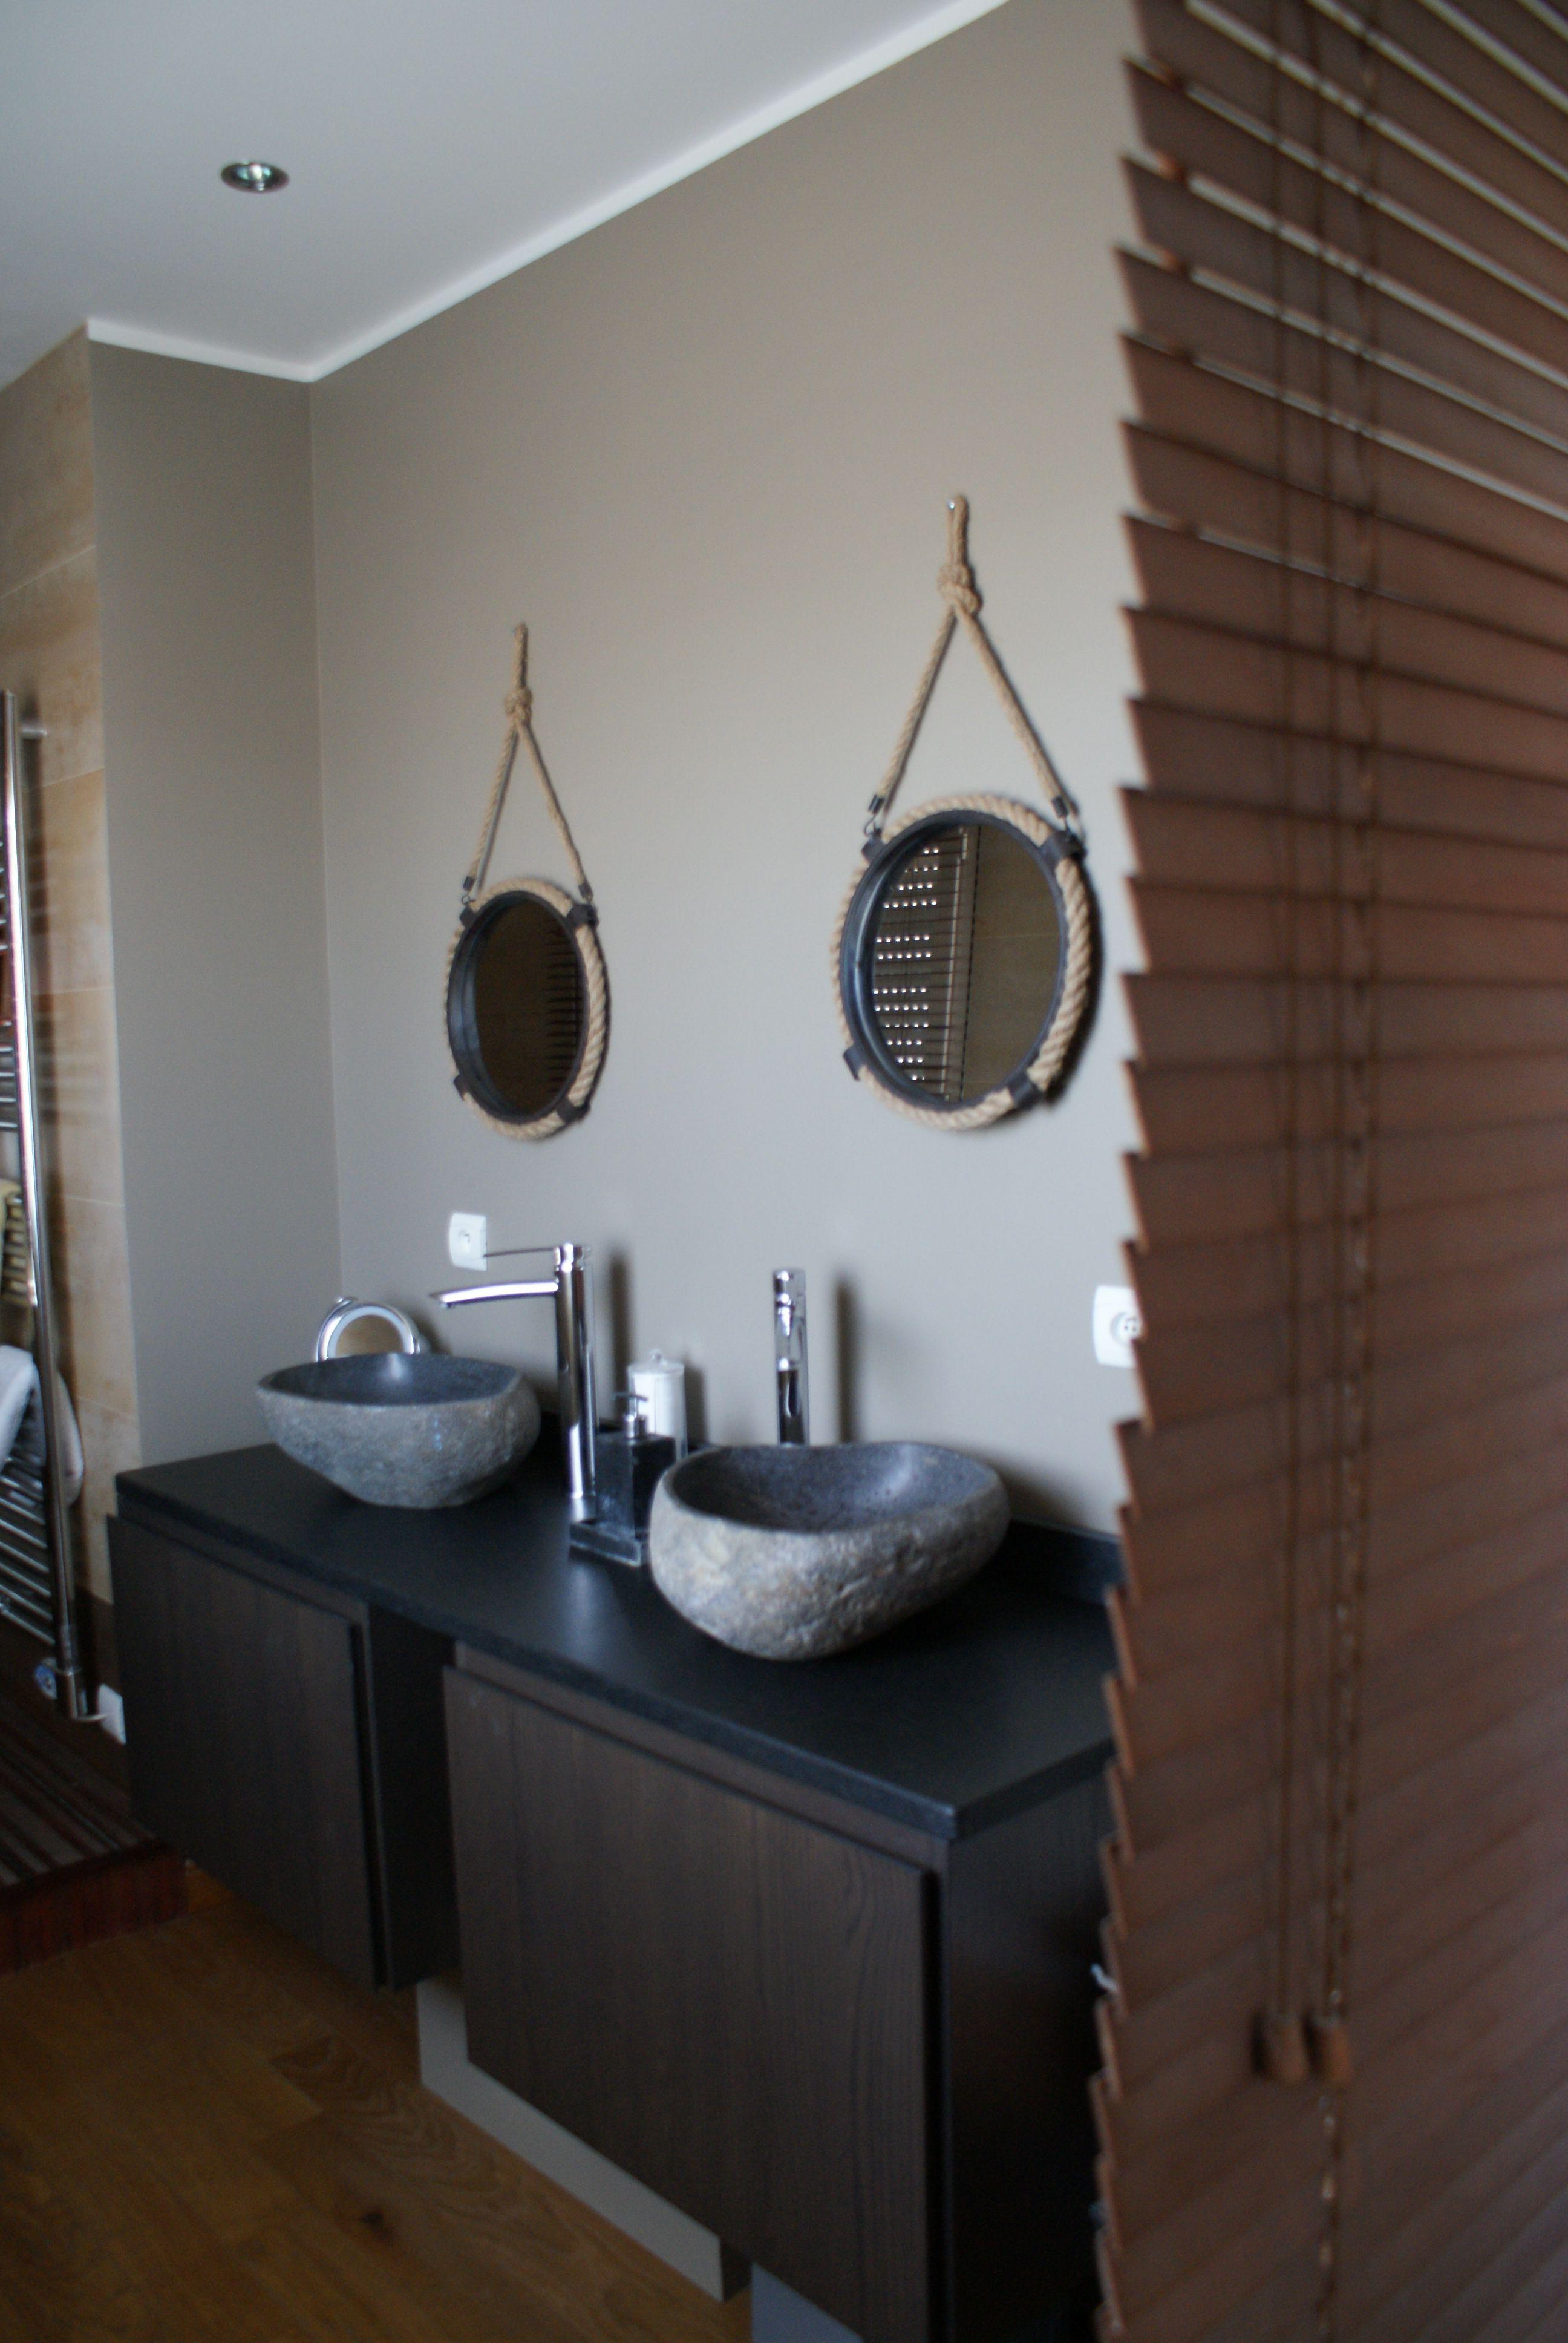 cuisines cng laurent di palma by cerasa meubles de salle de bain haut de gamme